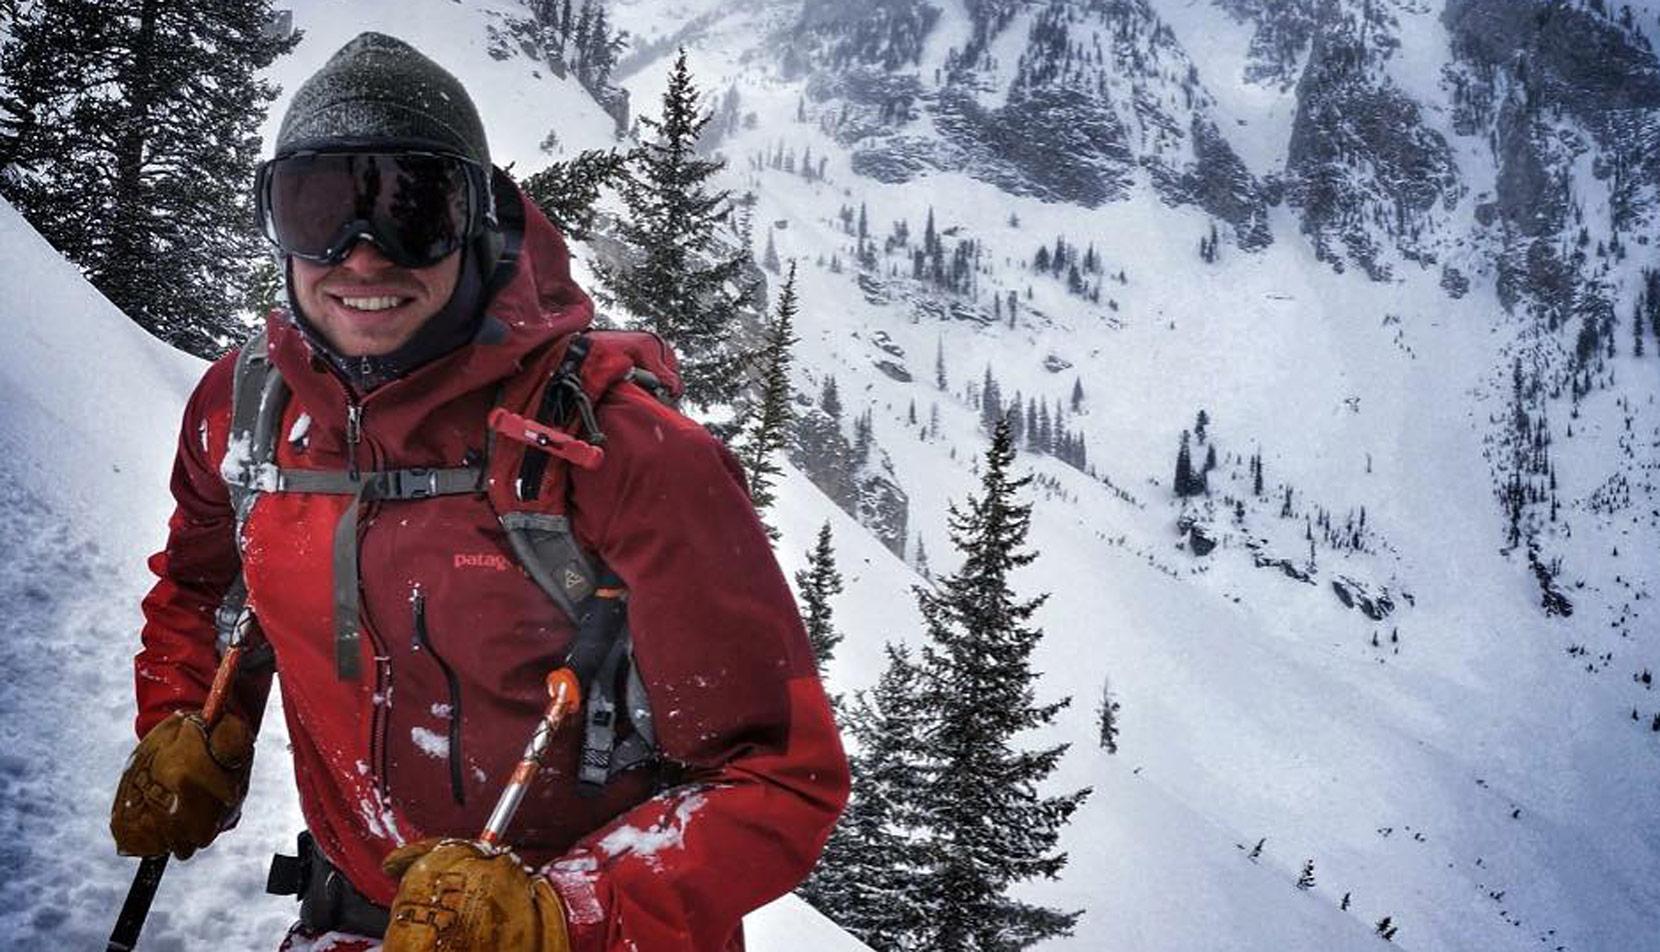 Zach Kuster skiing